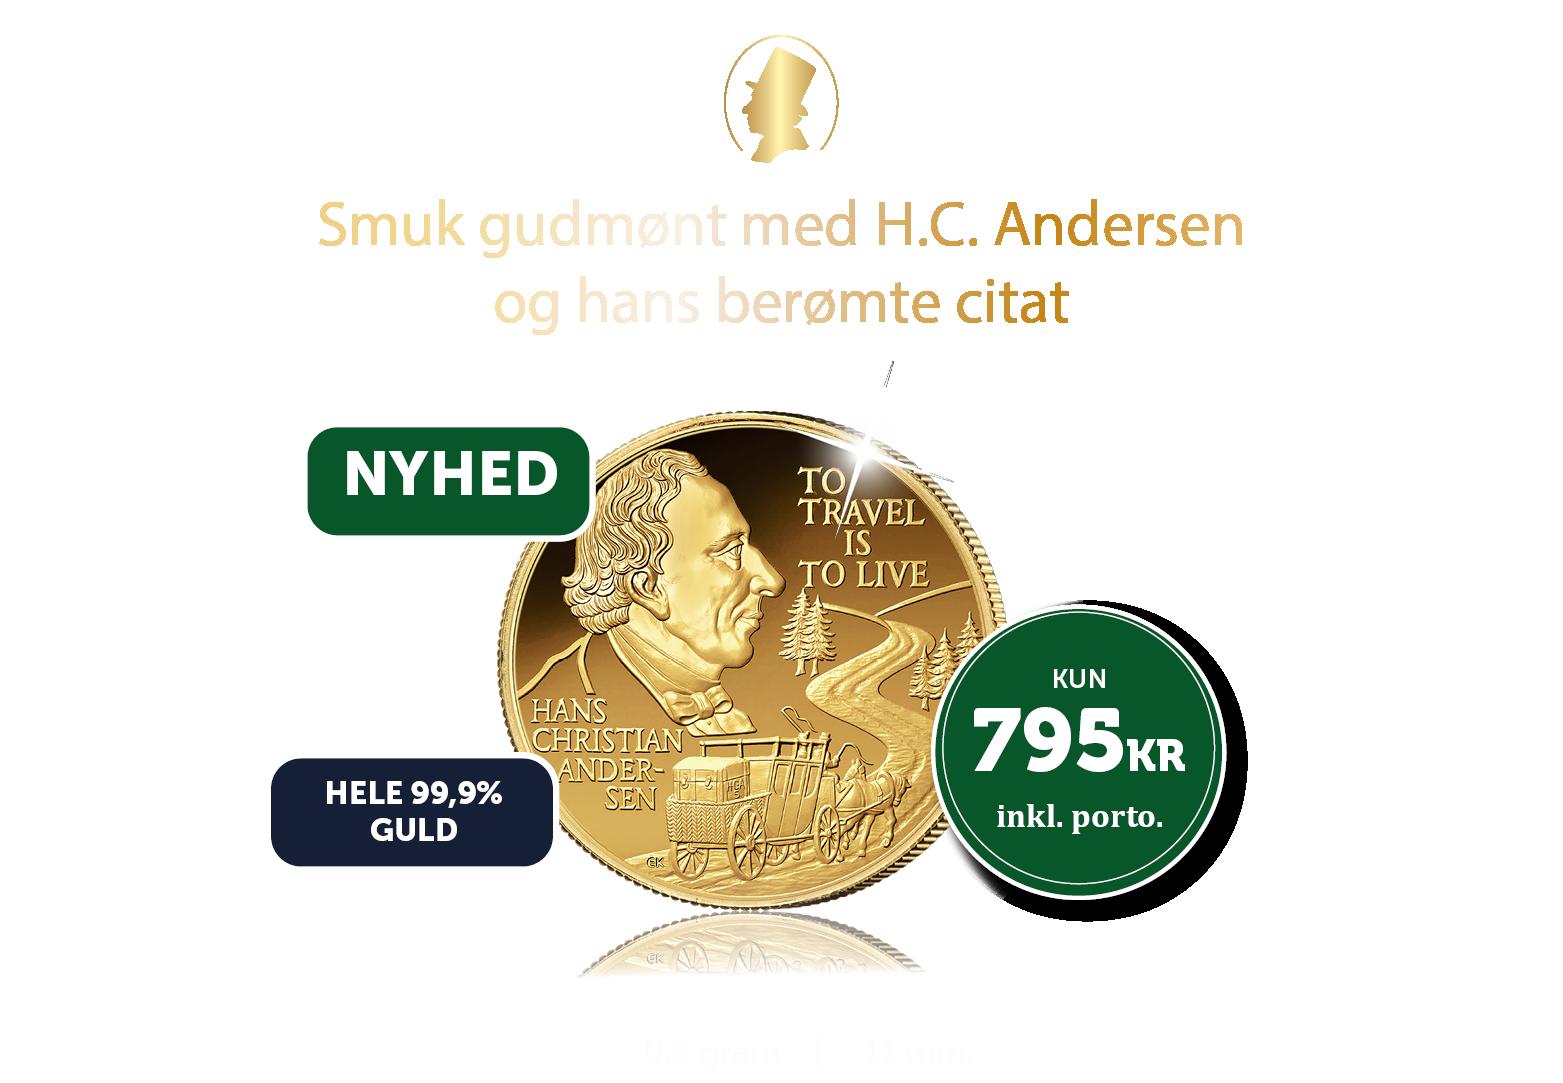 Verdens mindste guldmønt med H.C. Andersen